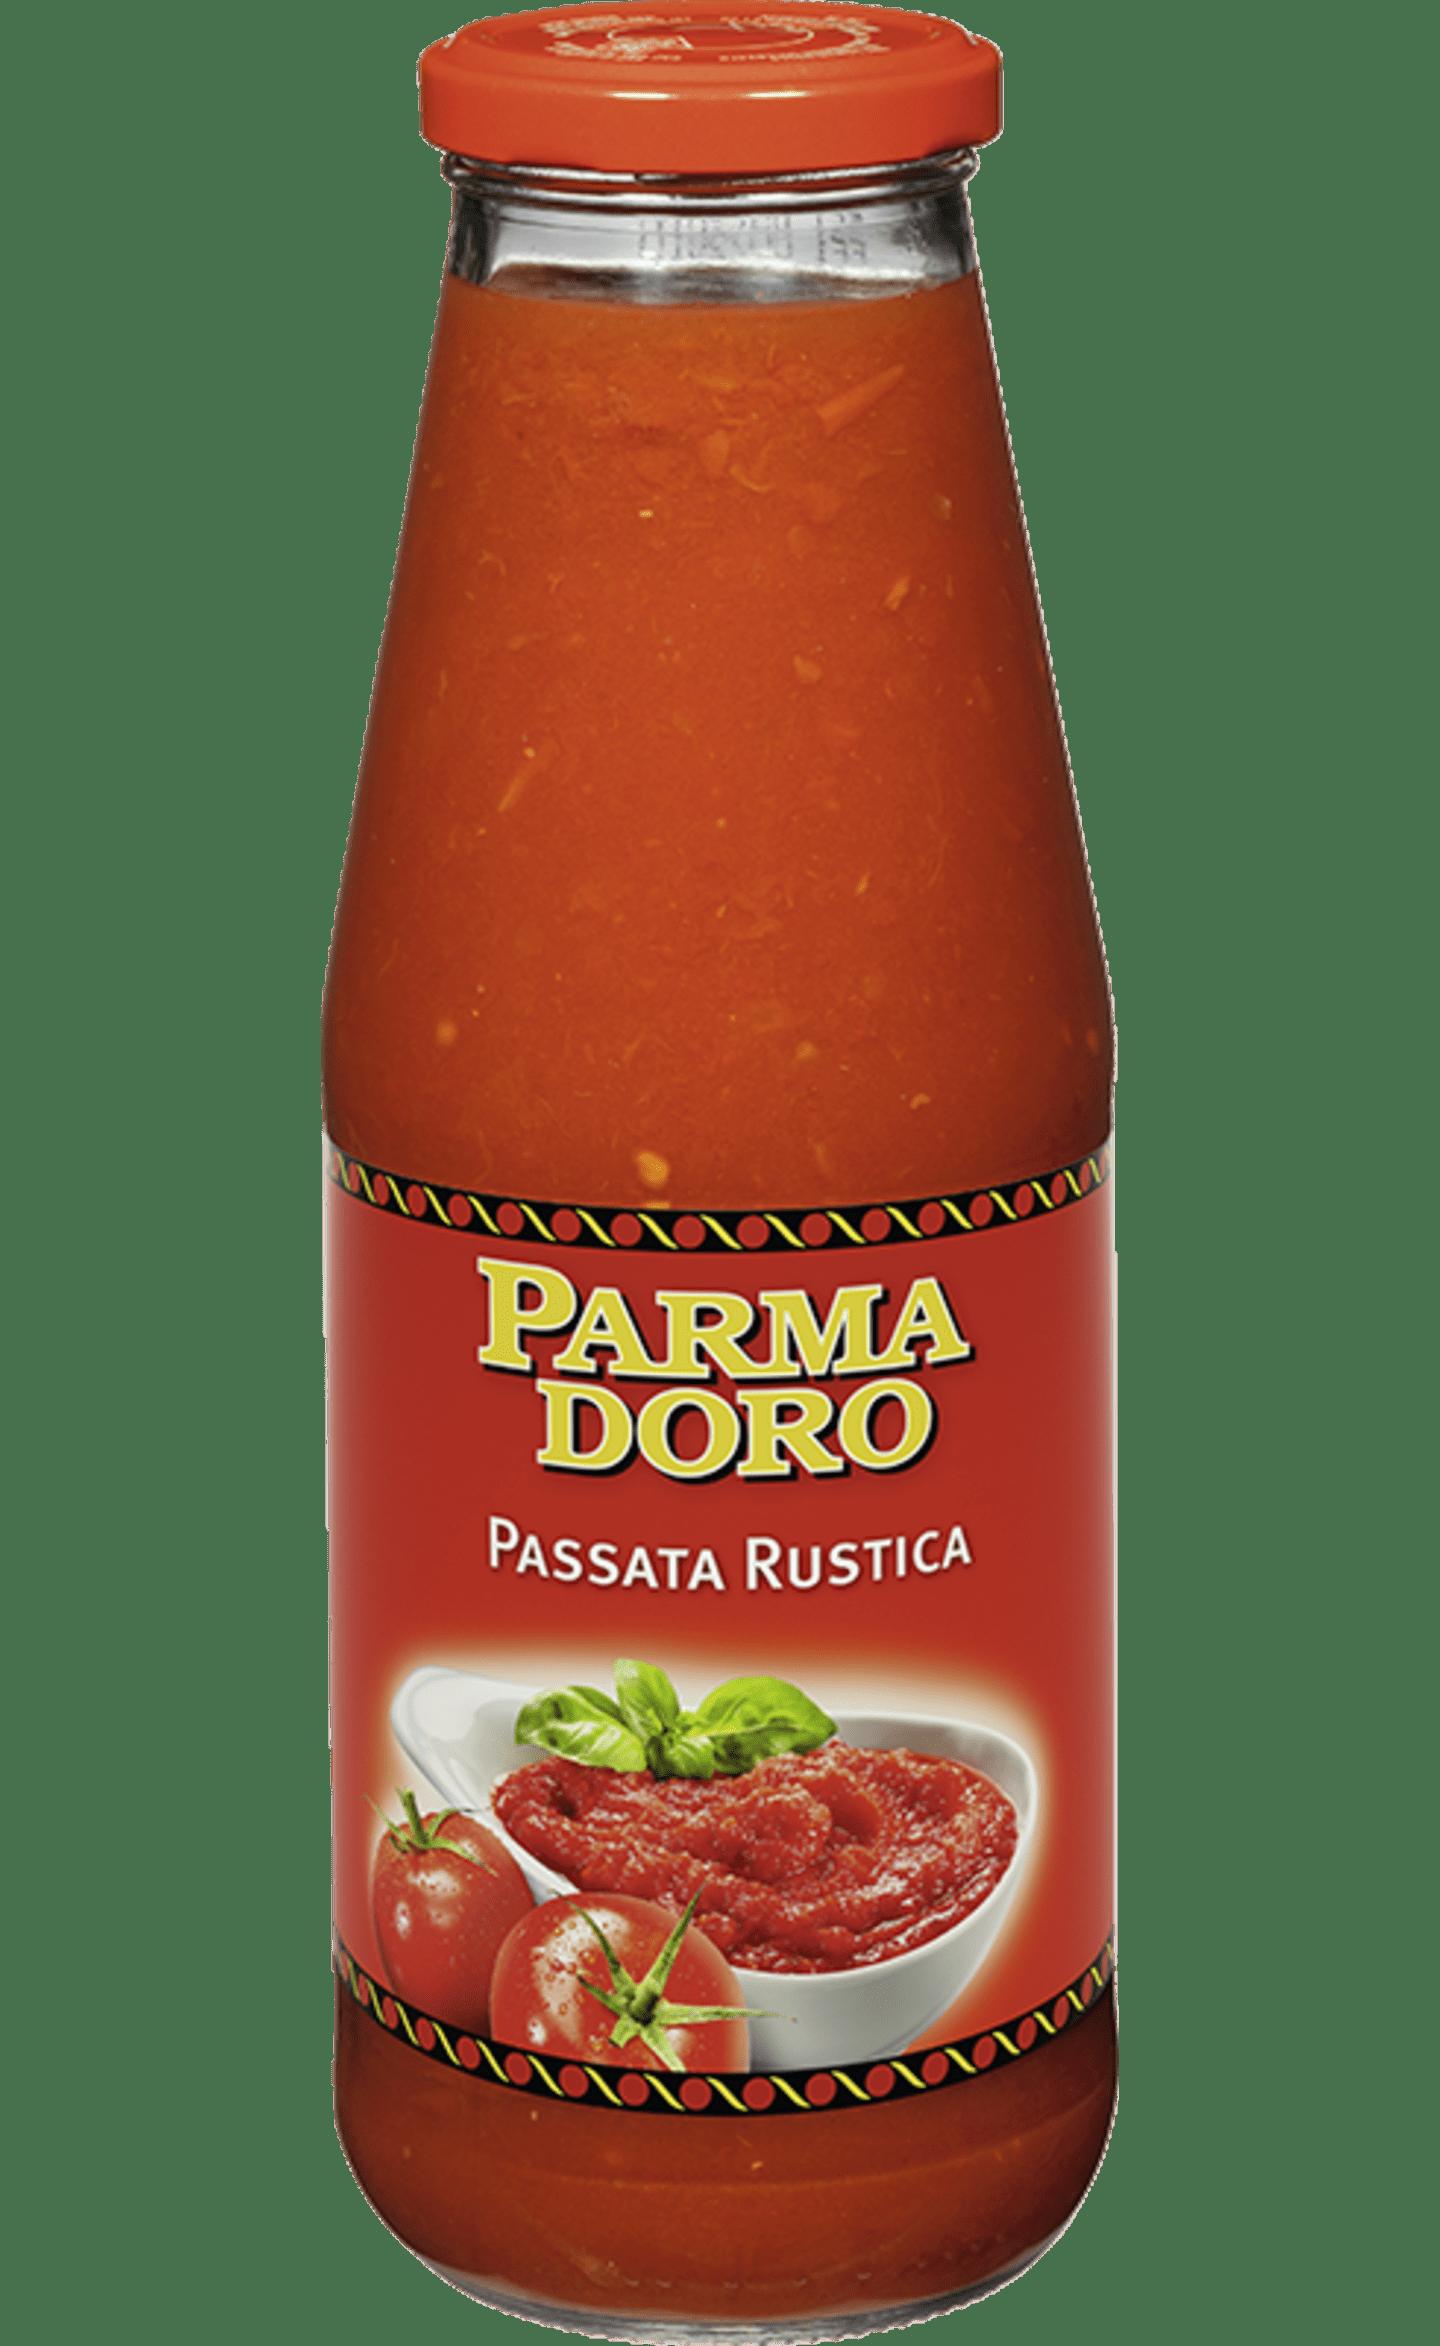 Passata Rustica